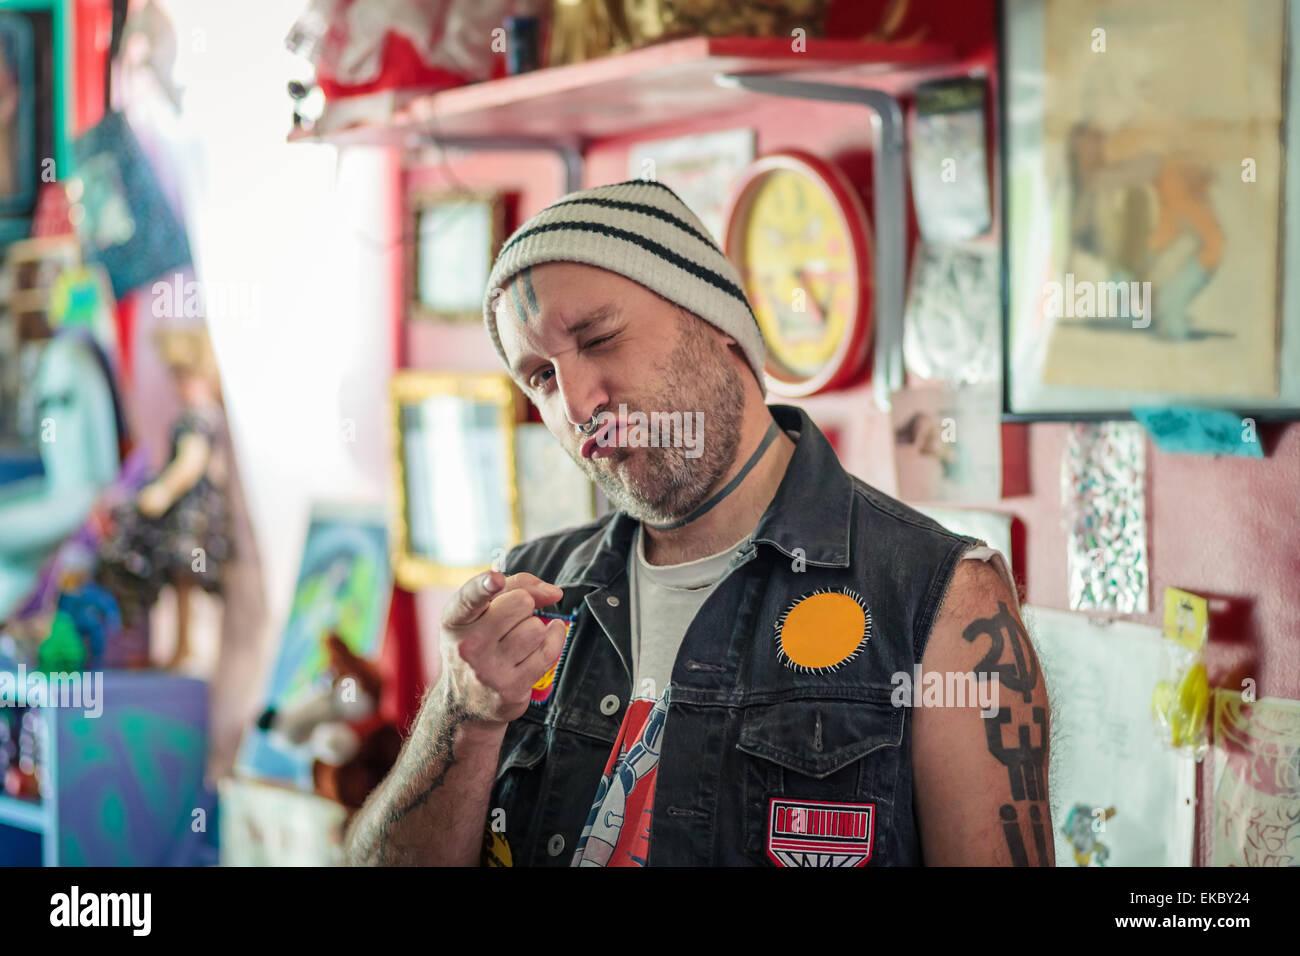 Porträt von männlichen Punk-Ladenbesitzer Zwinkern in Vintage Spielzeug-shop Stockbild